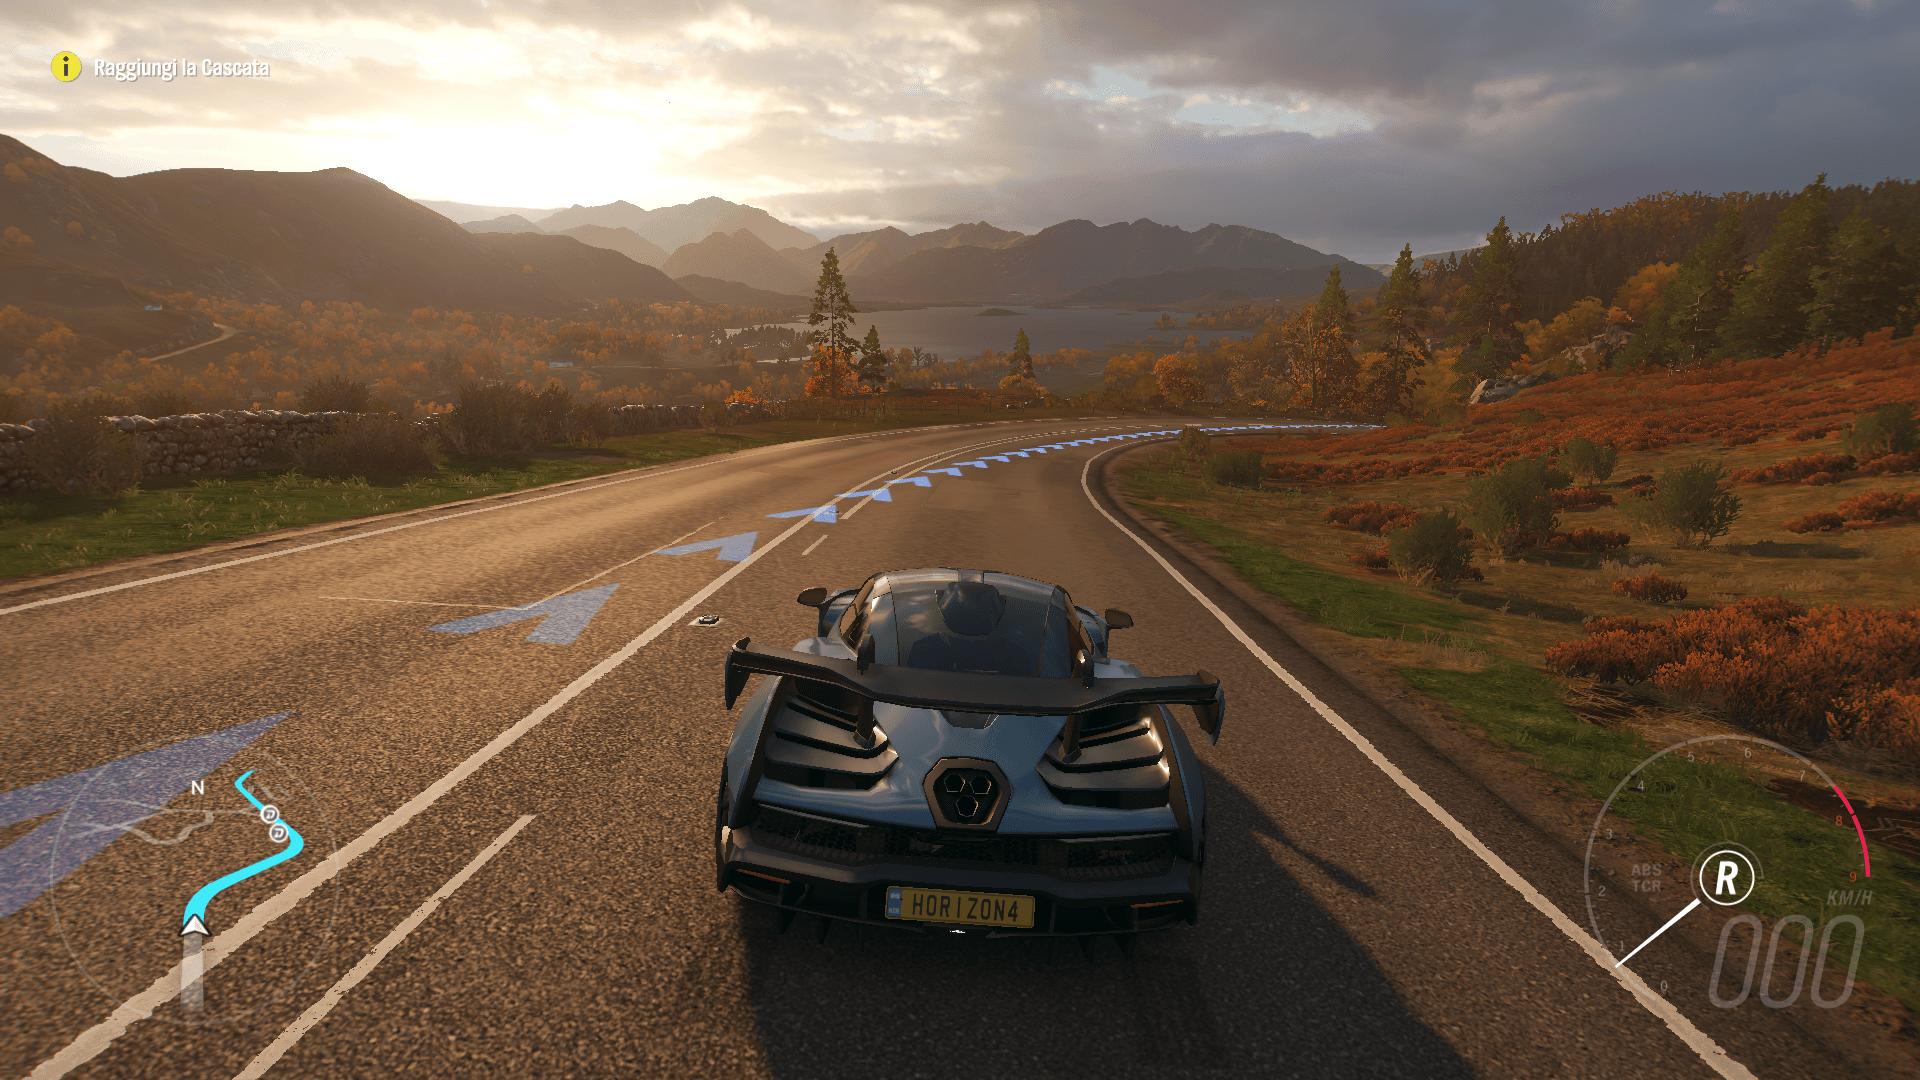 basso - Forza Horizon 4 - Recensione come gira su PC